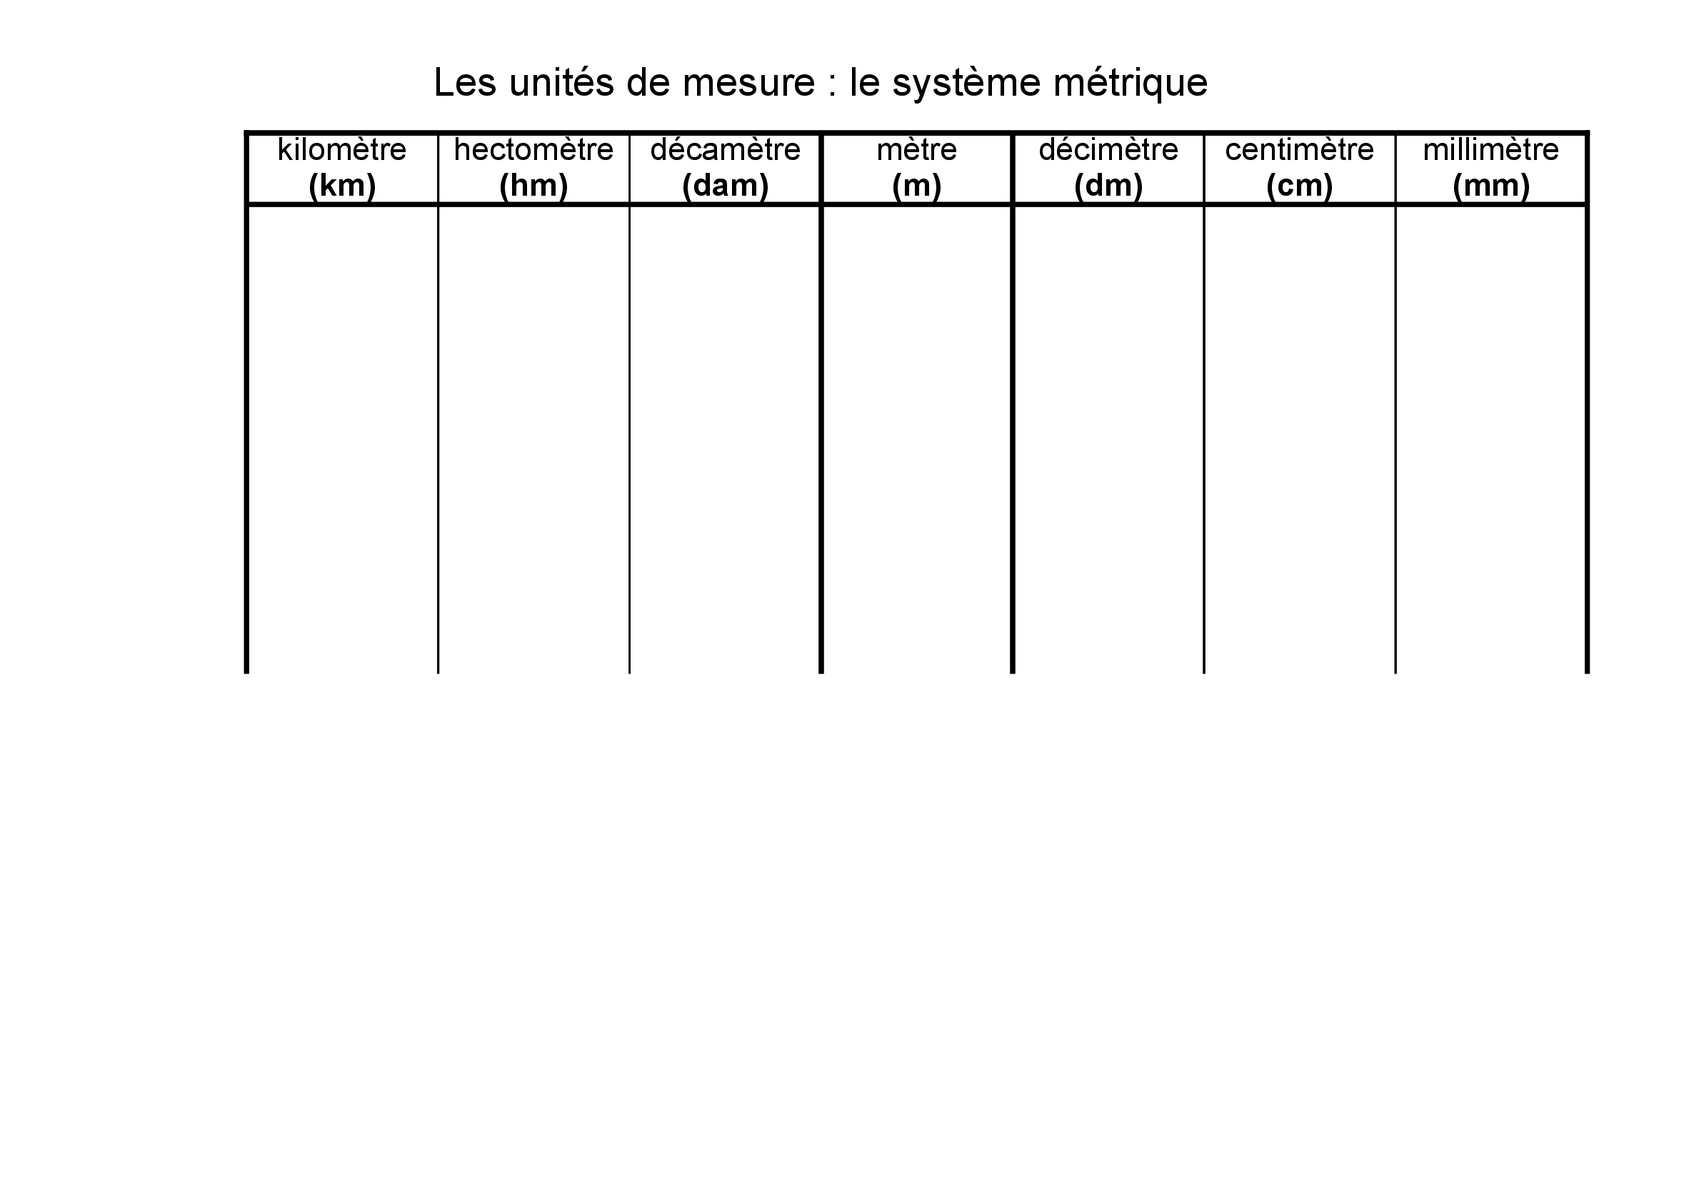 systeme metrique